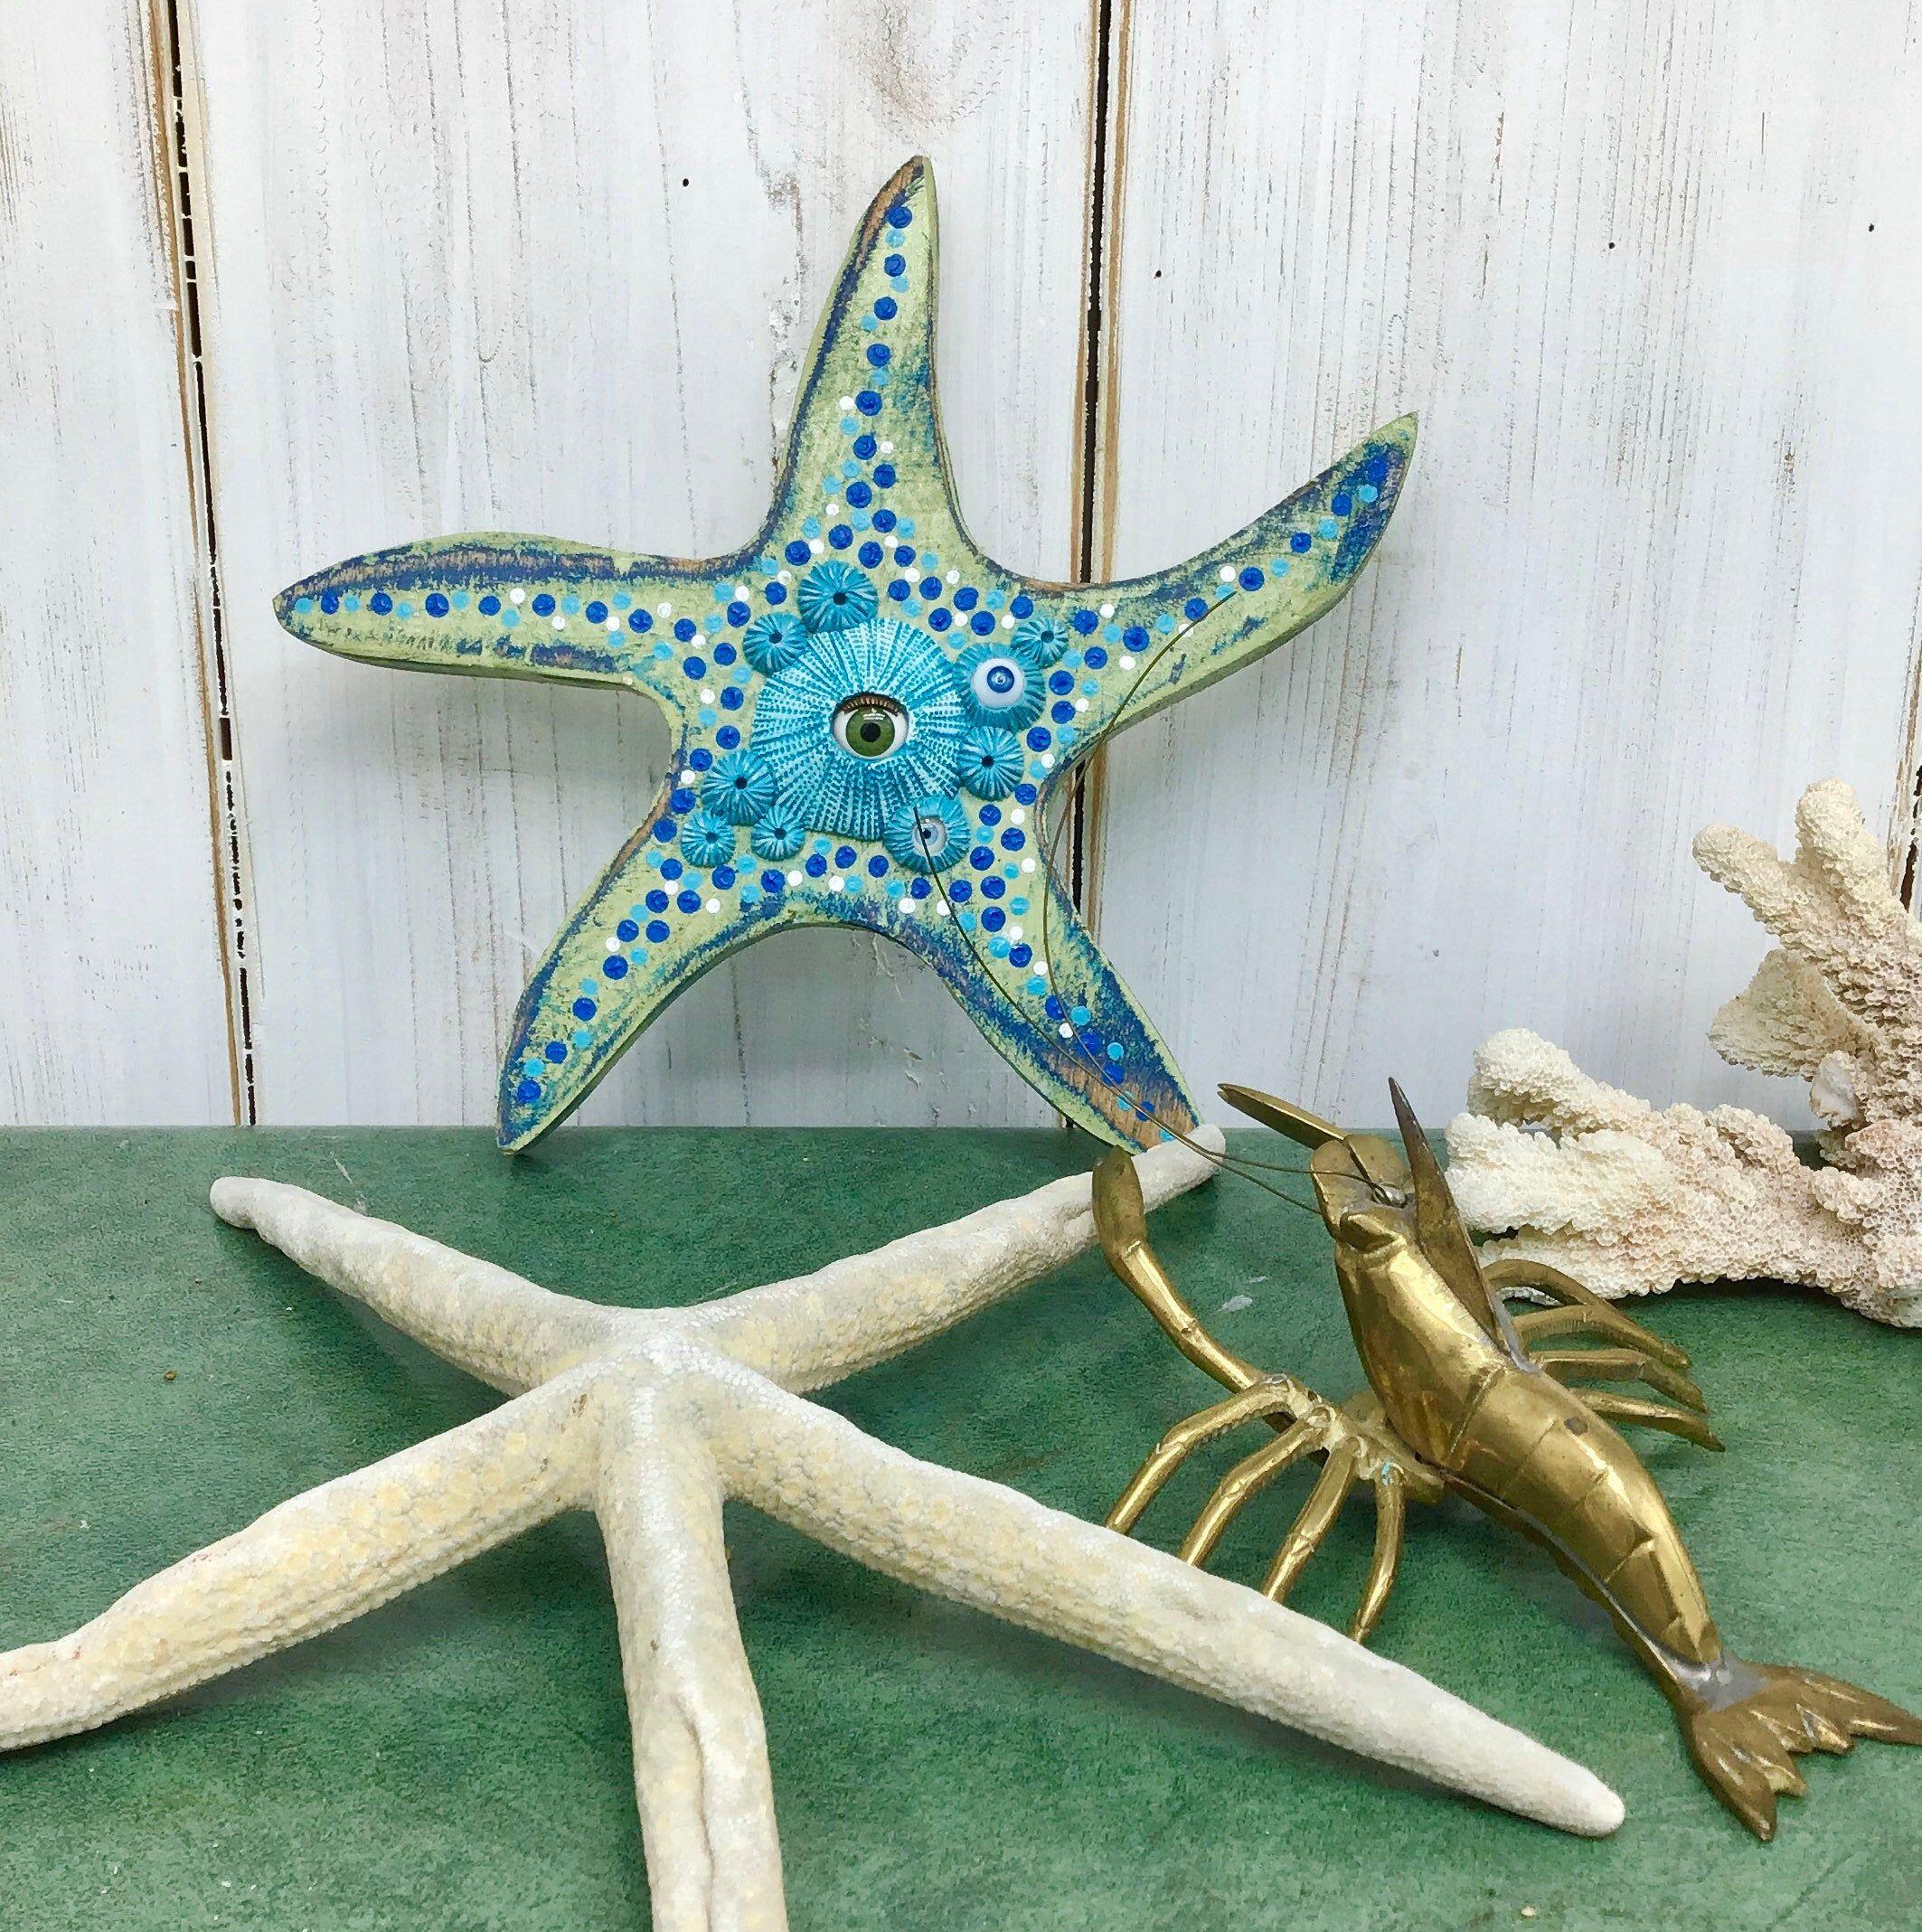 Small Starfish See Star Art Wooden Beach House Wall Decor With Etsy Beach House Wall Decor Star Art Starfish